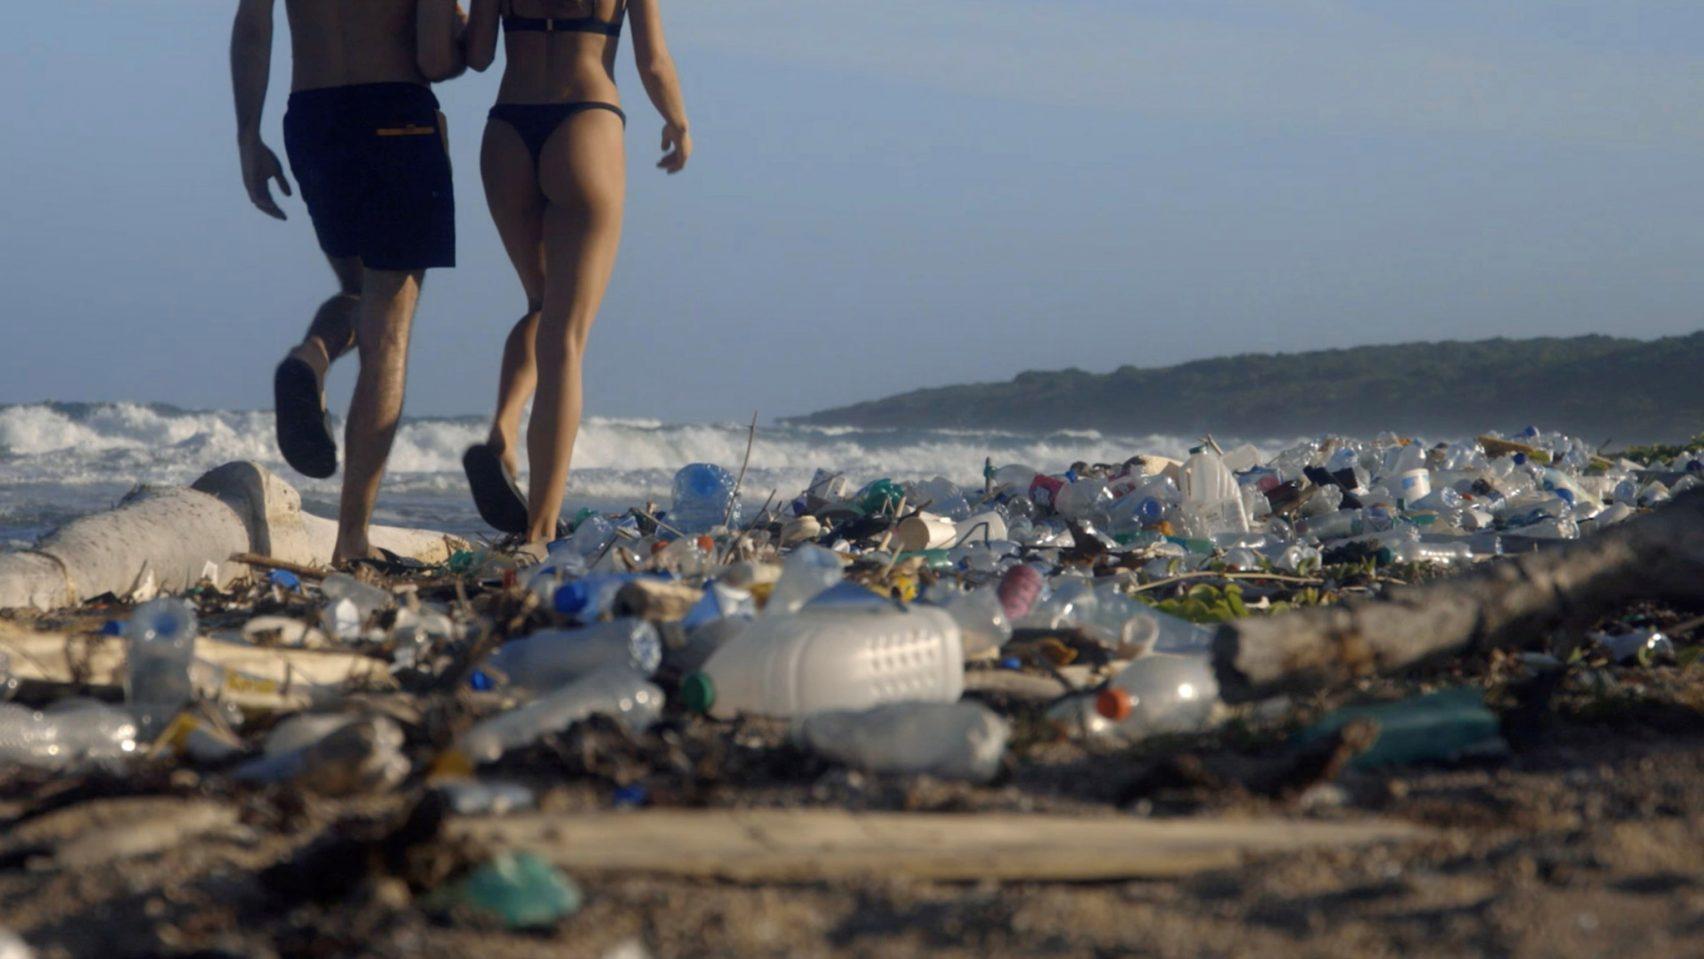 Pornhub випустив відео на підтримку очищення світового океану